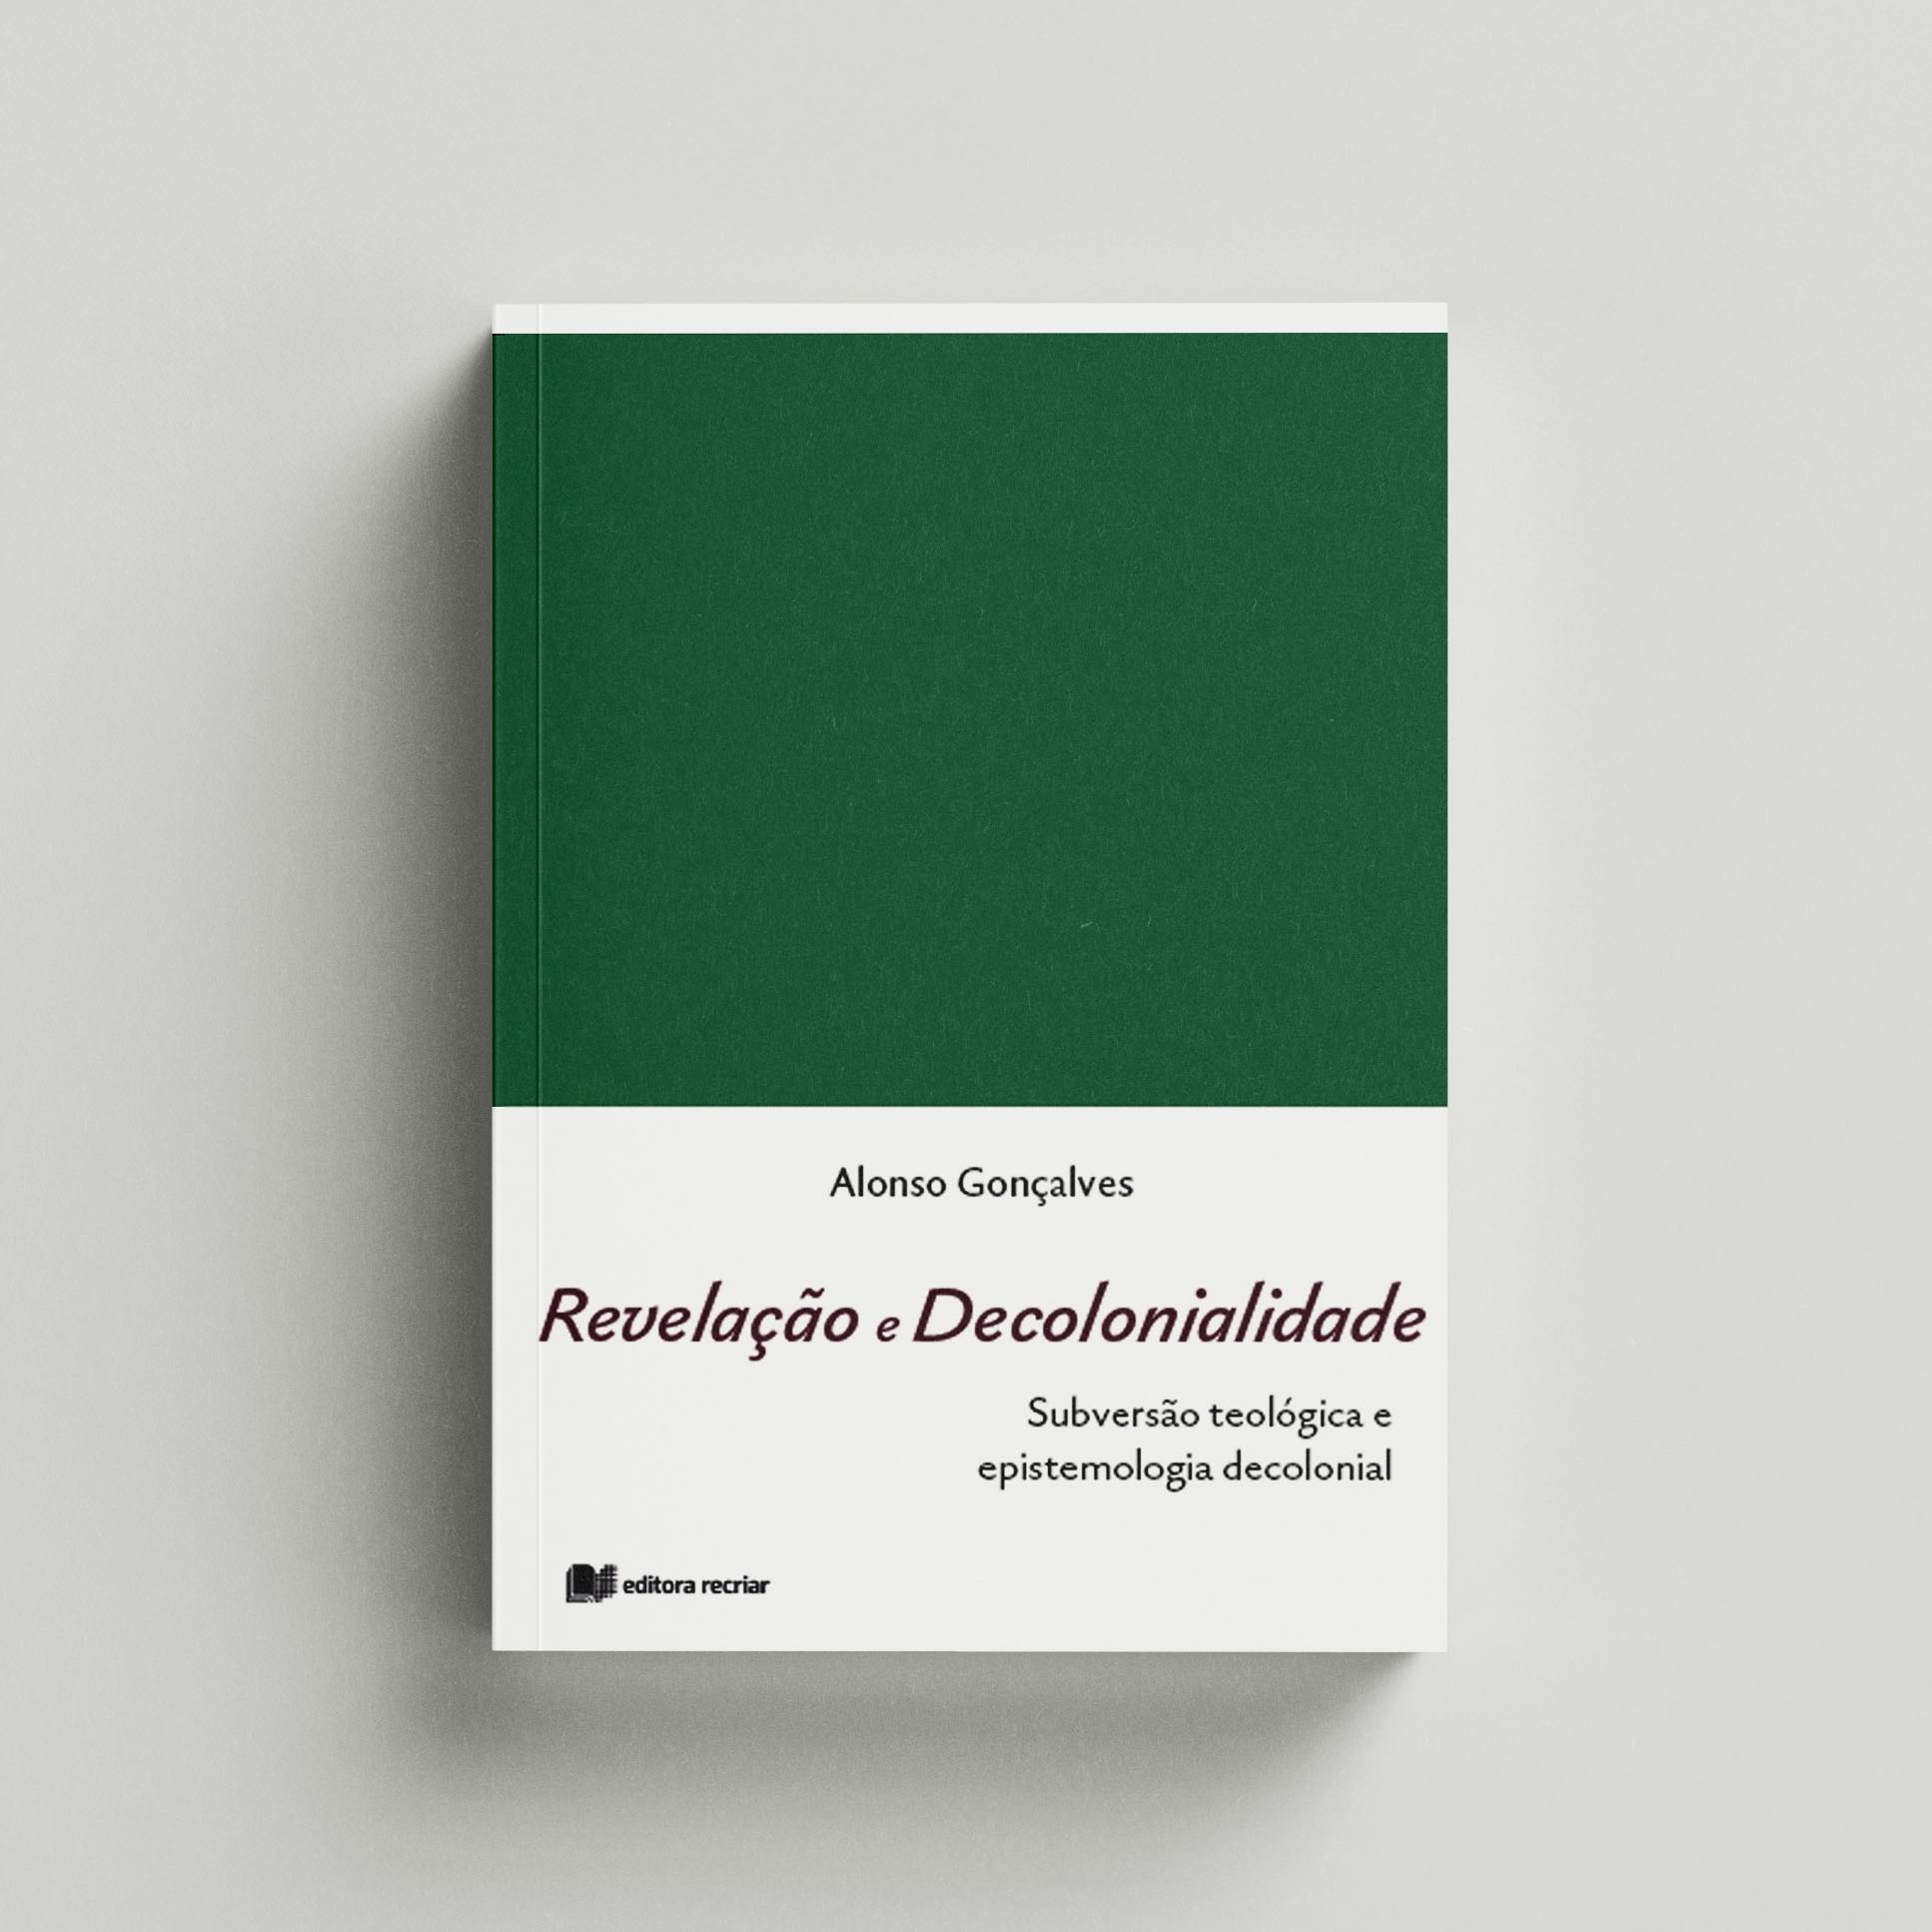 Revelação e decolonialidade - Alonso Gonçalves